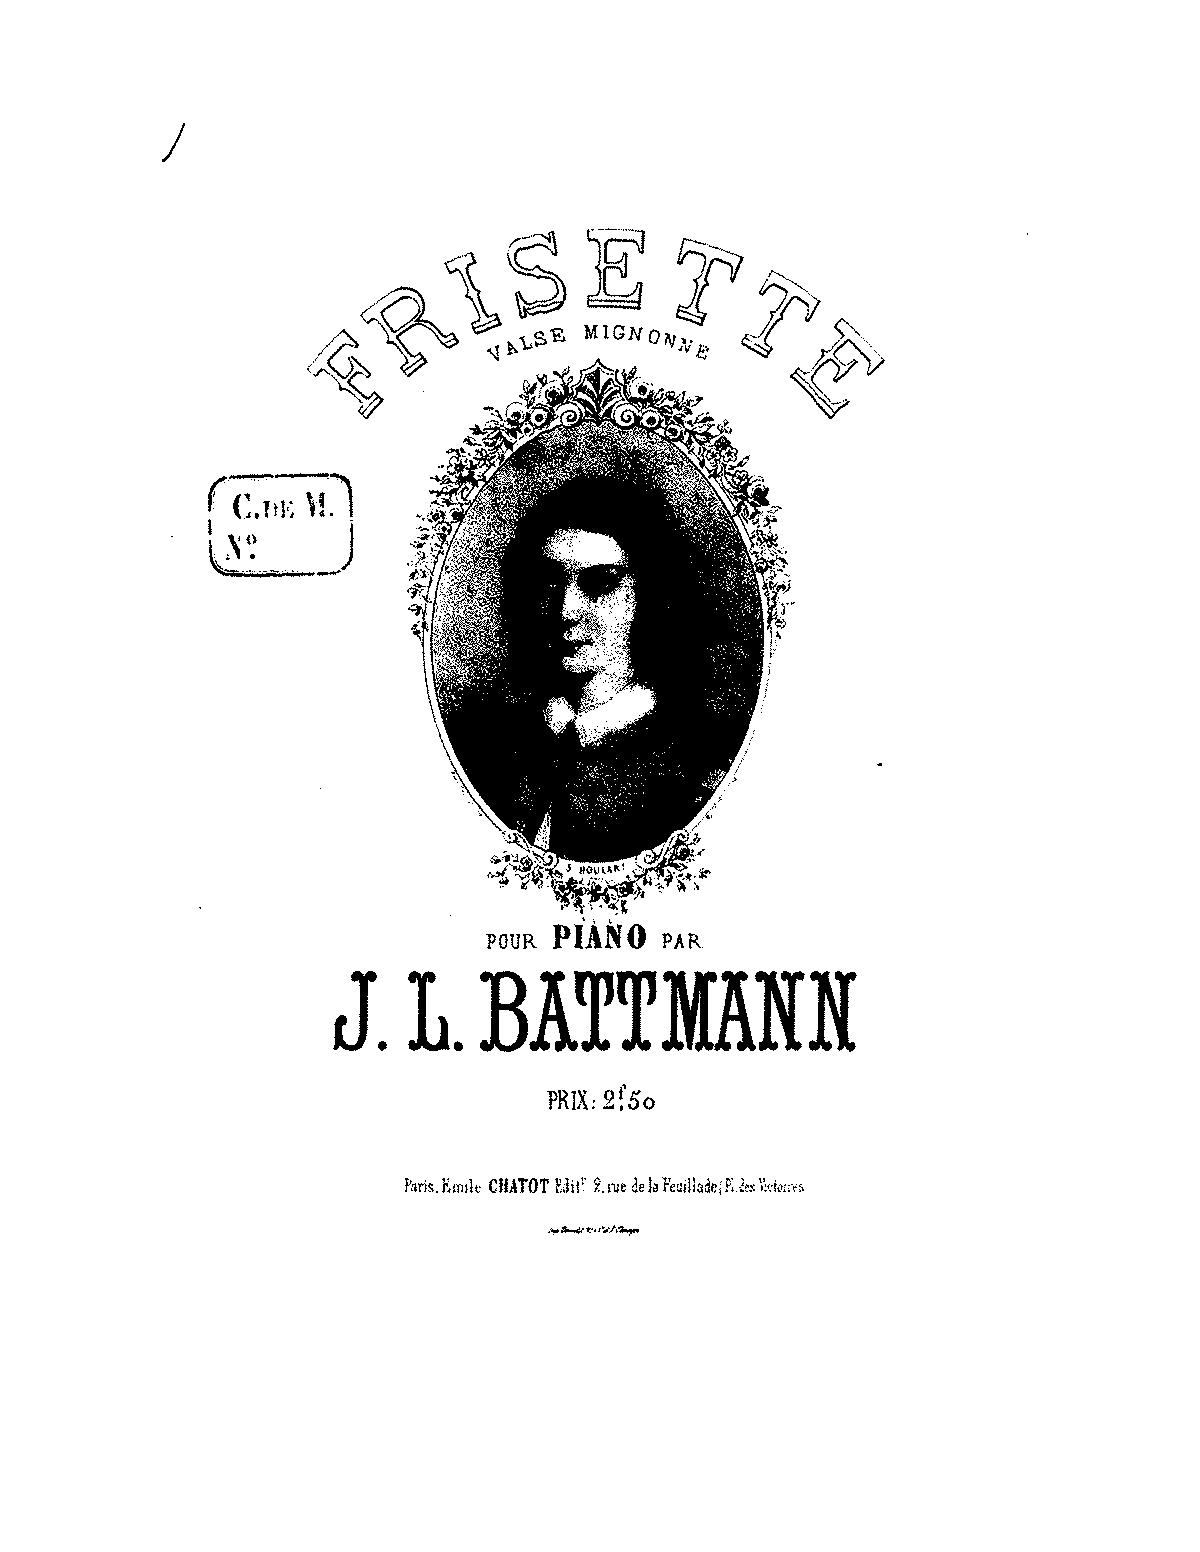 Frisette (Battmann, Jacques-Louis) - IMSLP/Petrucci Music Library